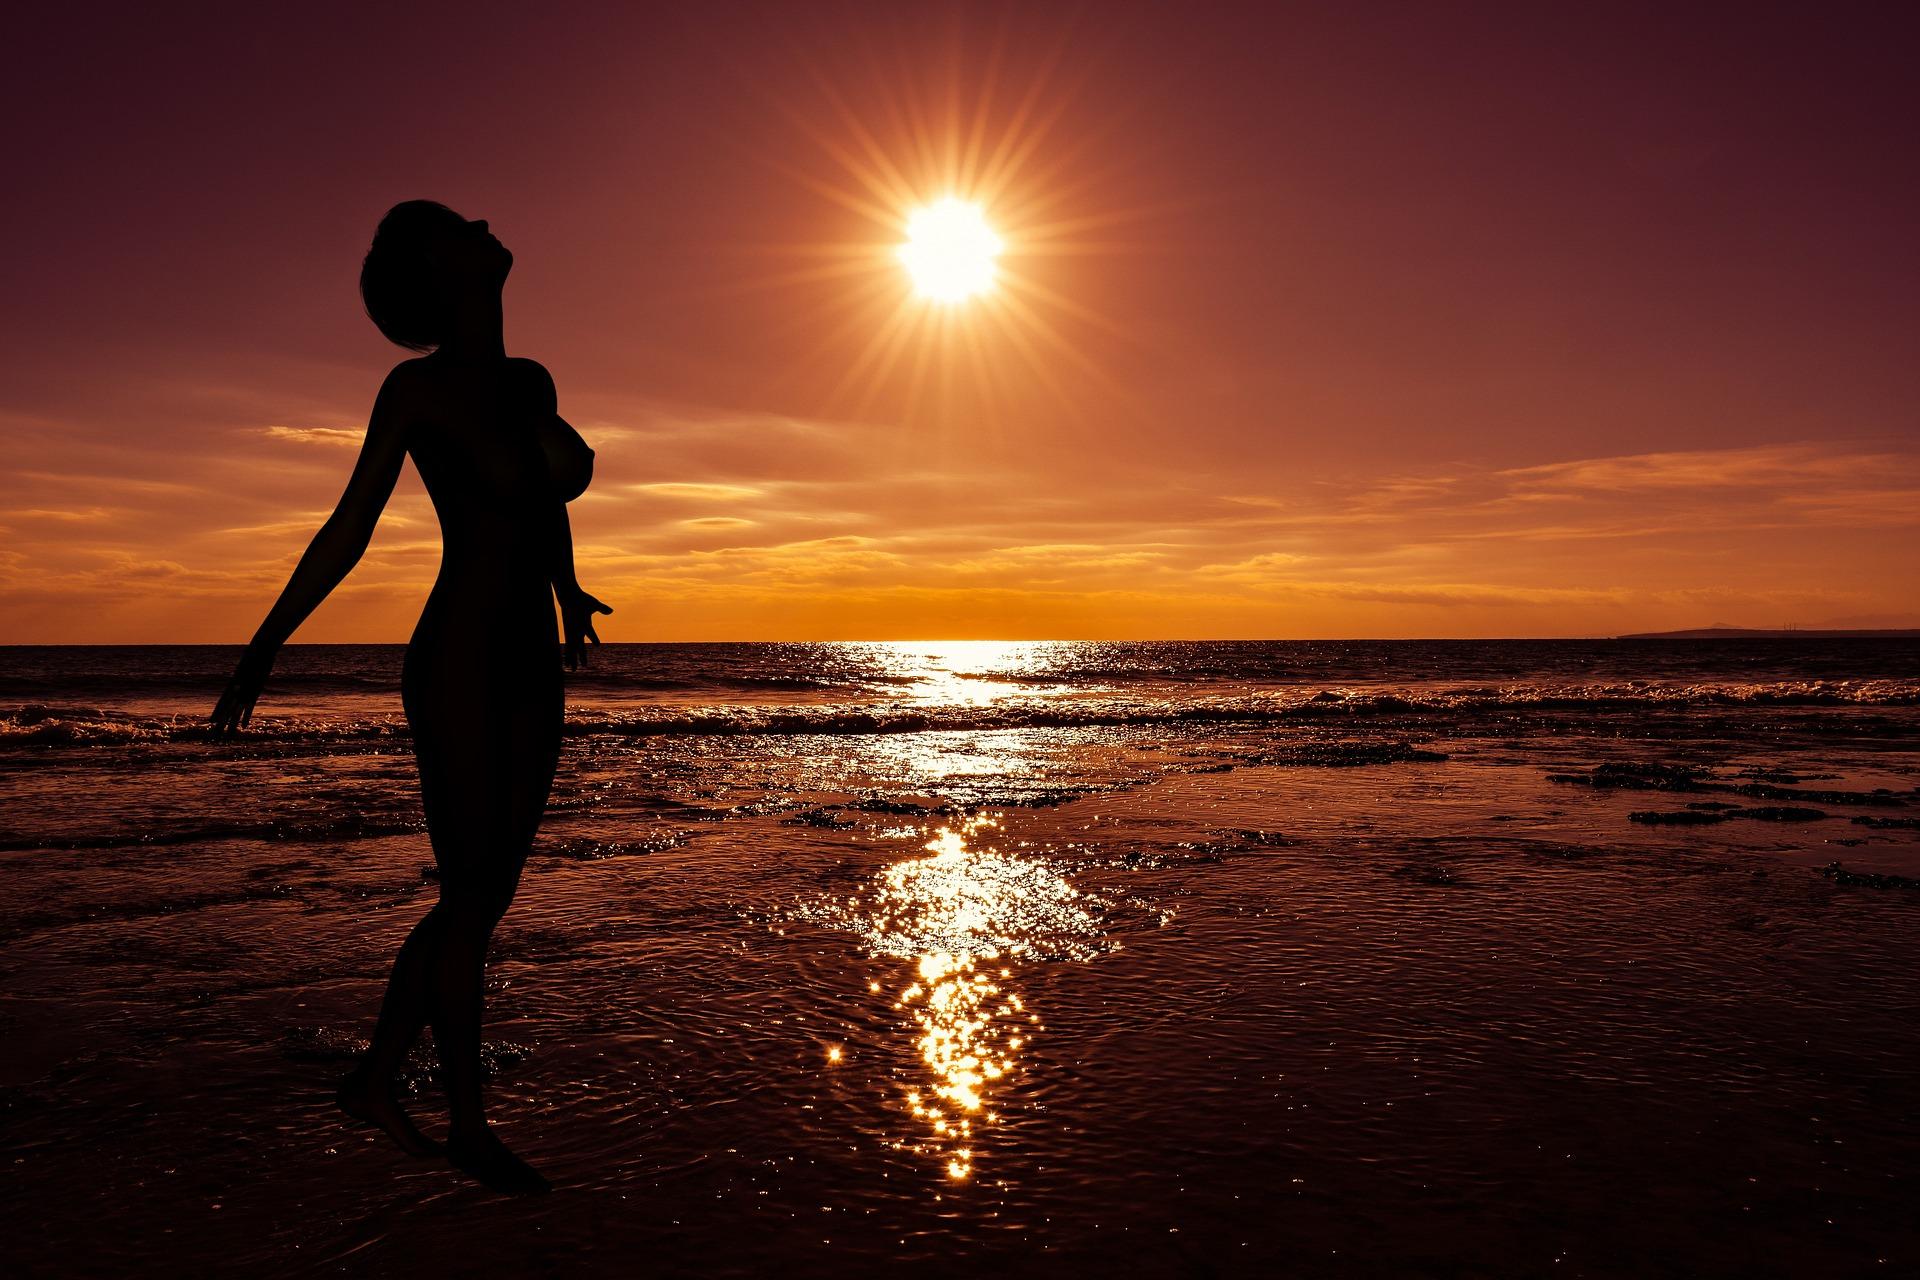 tramonto con naturista sulla spiaggia